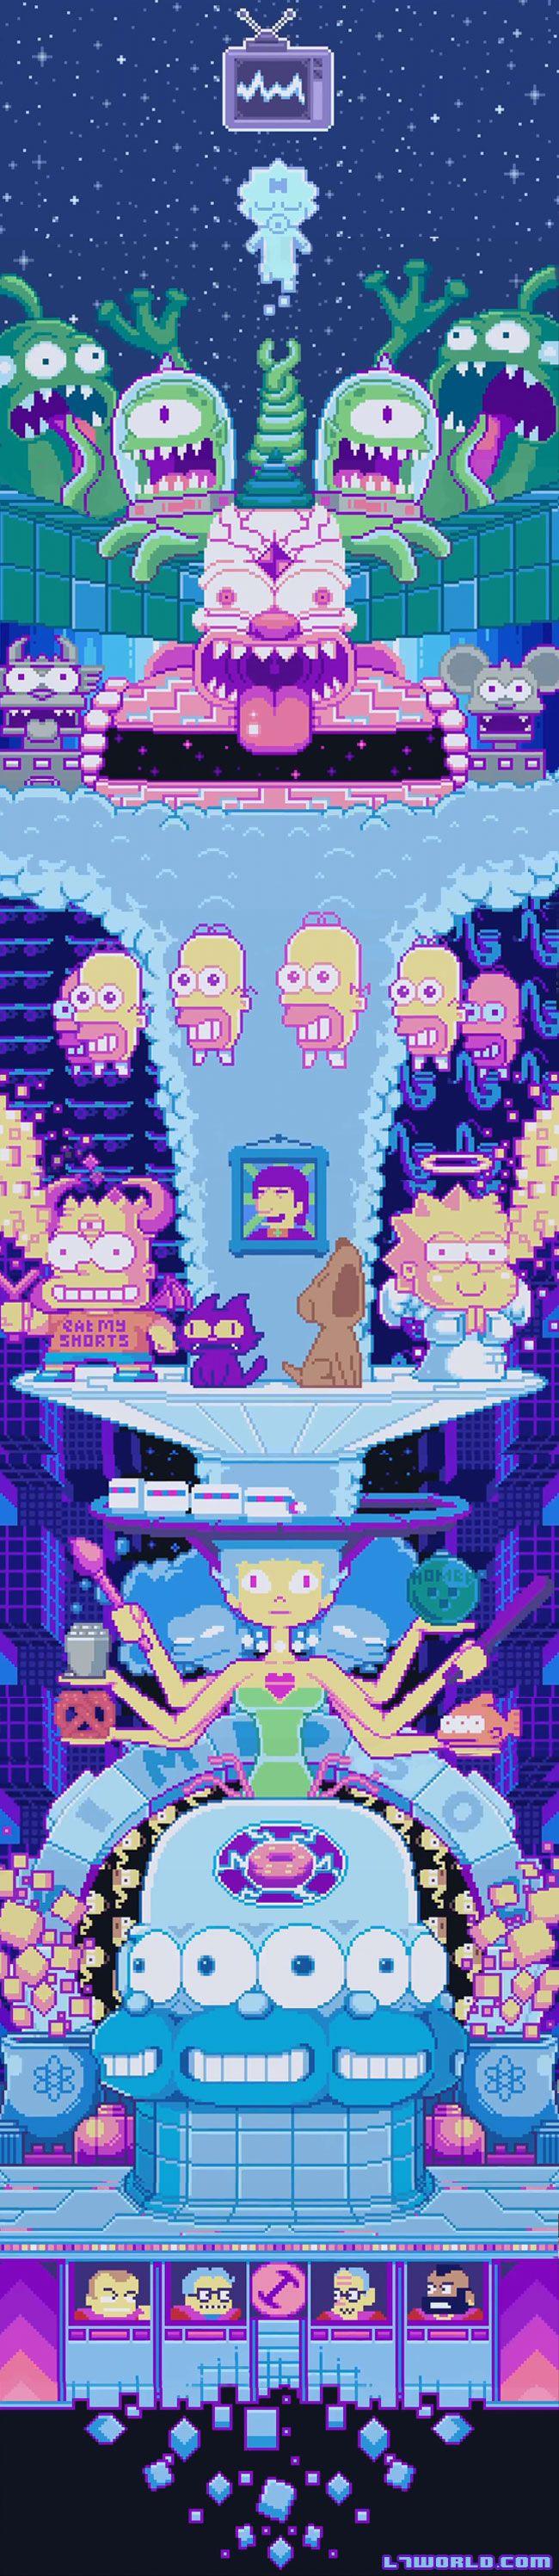 Pingl par l7 world sur cartoons en 2018 pinterest fond d 39 cran dessin anim cran et anime - Bande dessinee simpson ...